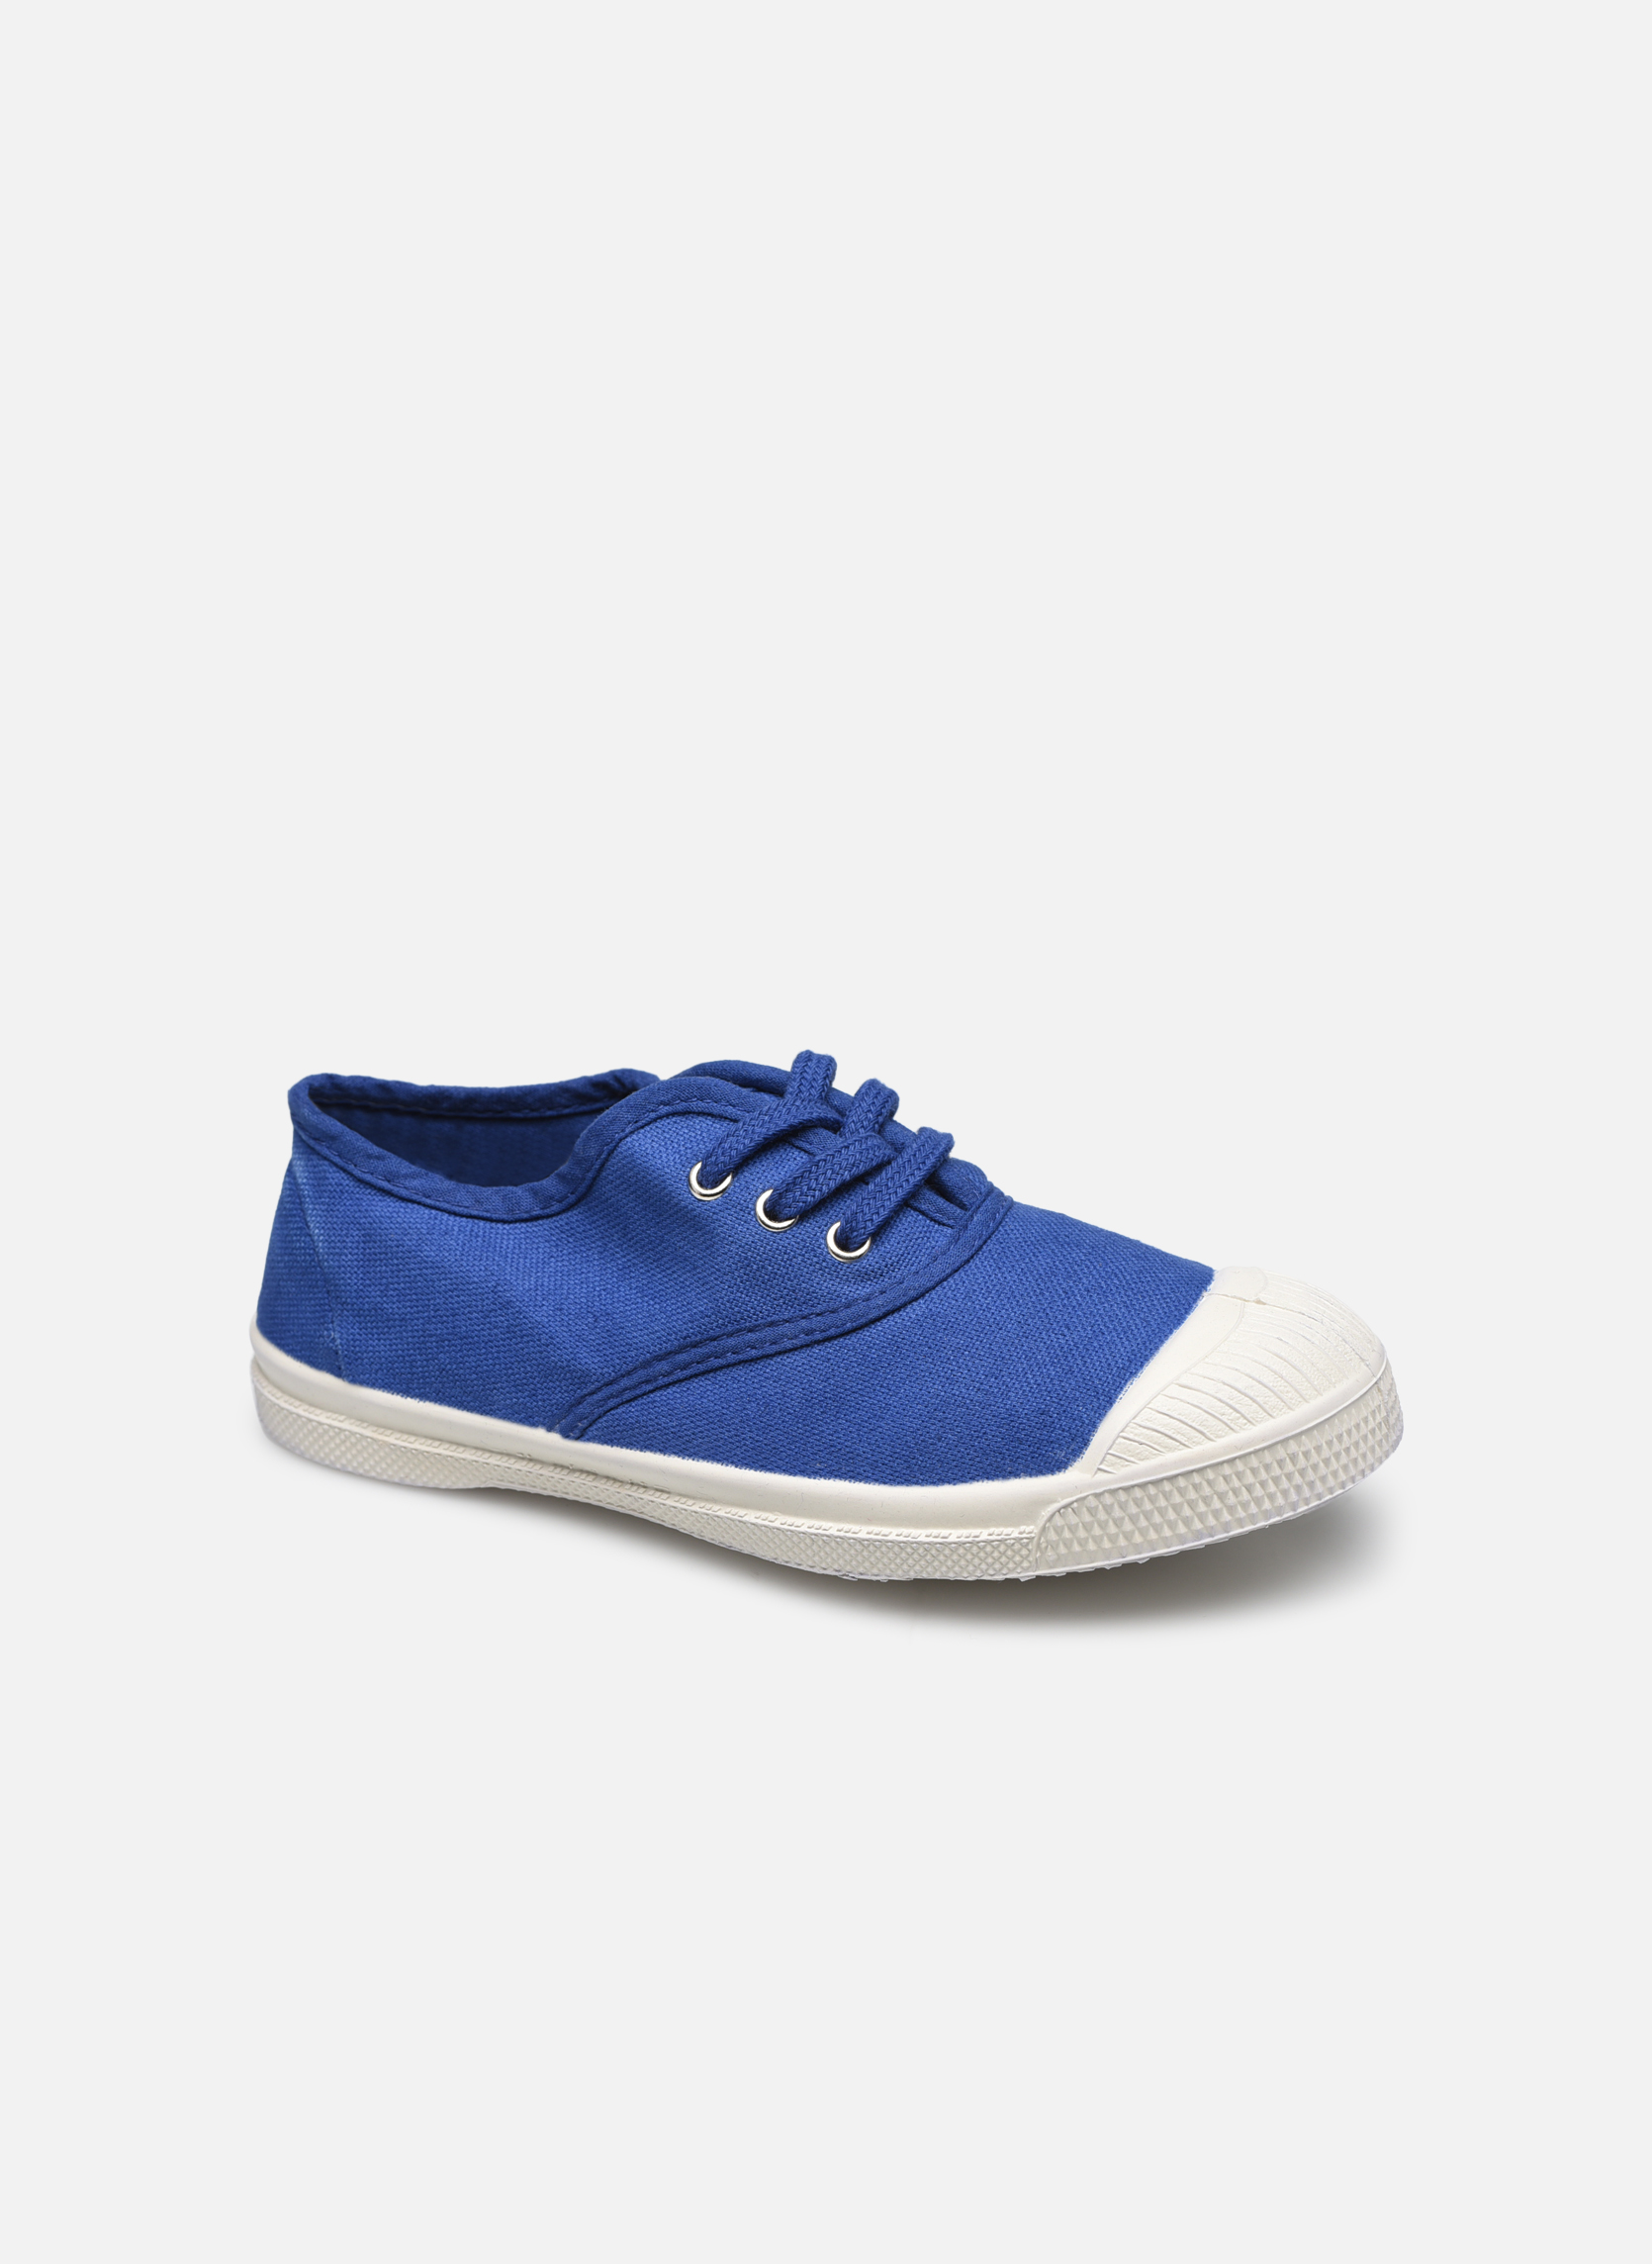 Bleu Vif